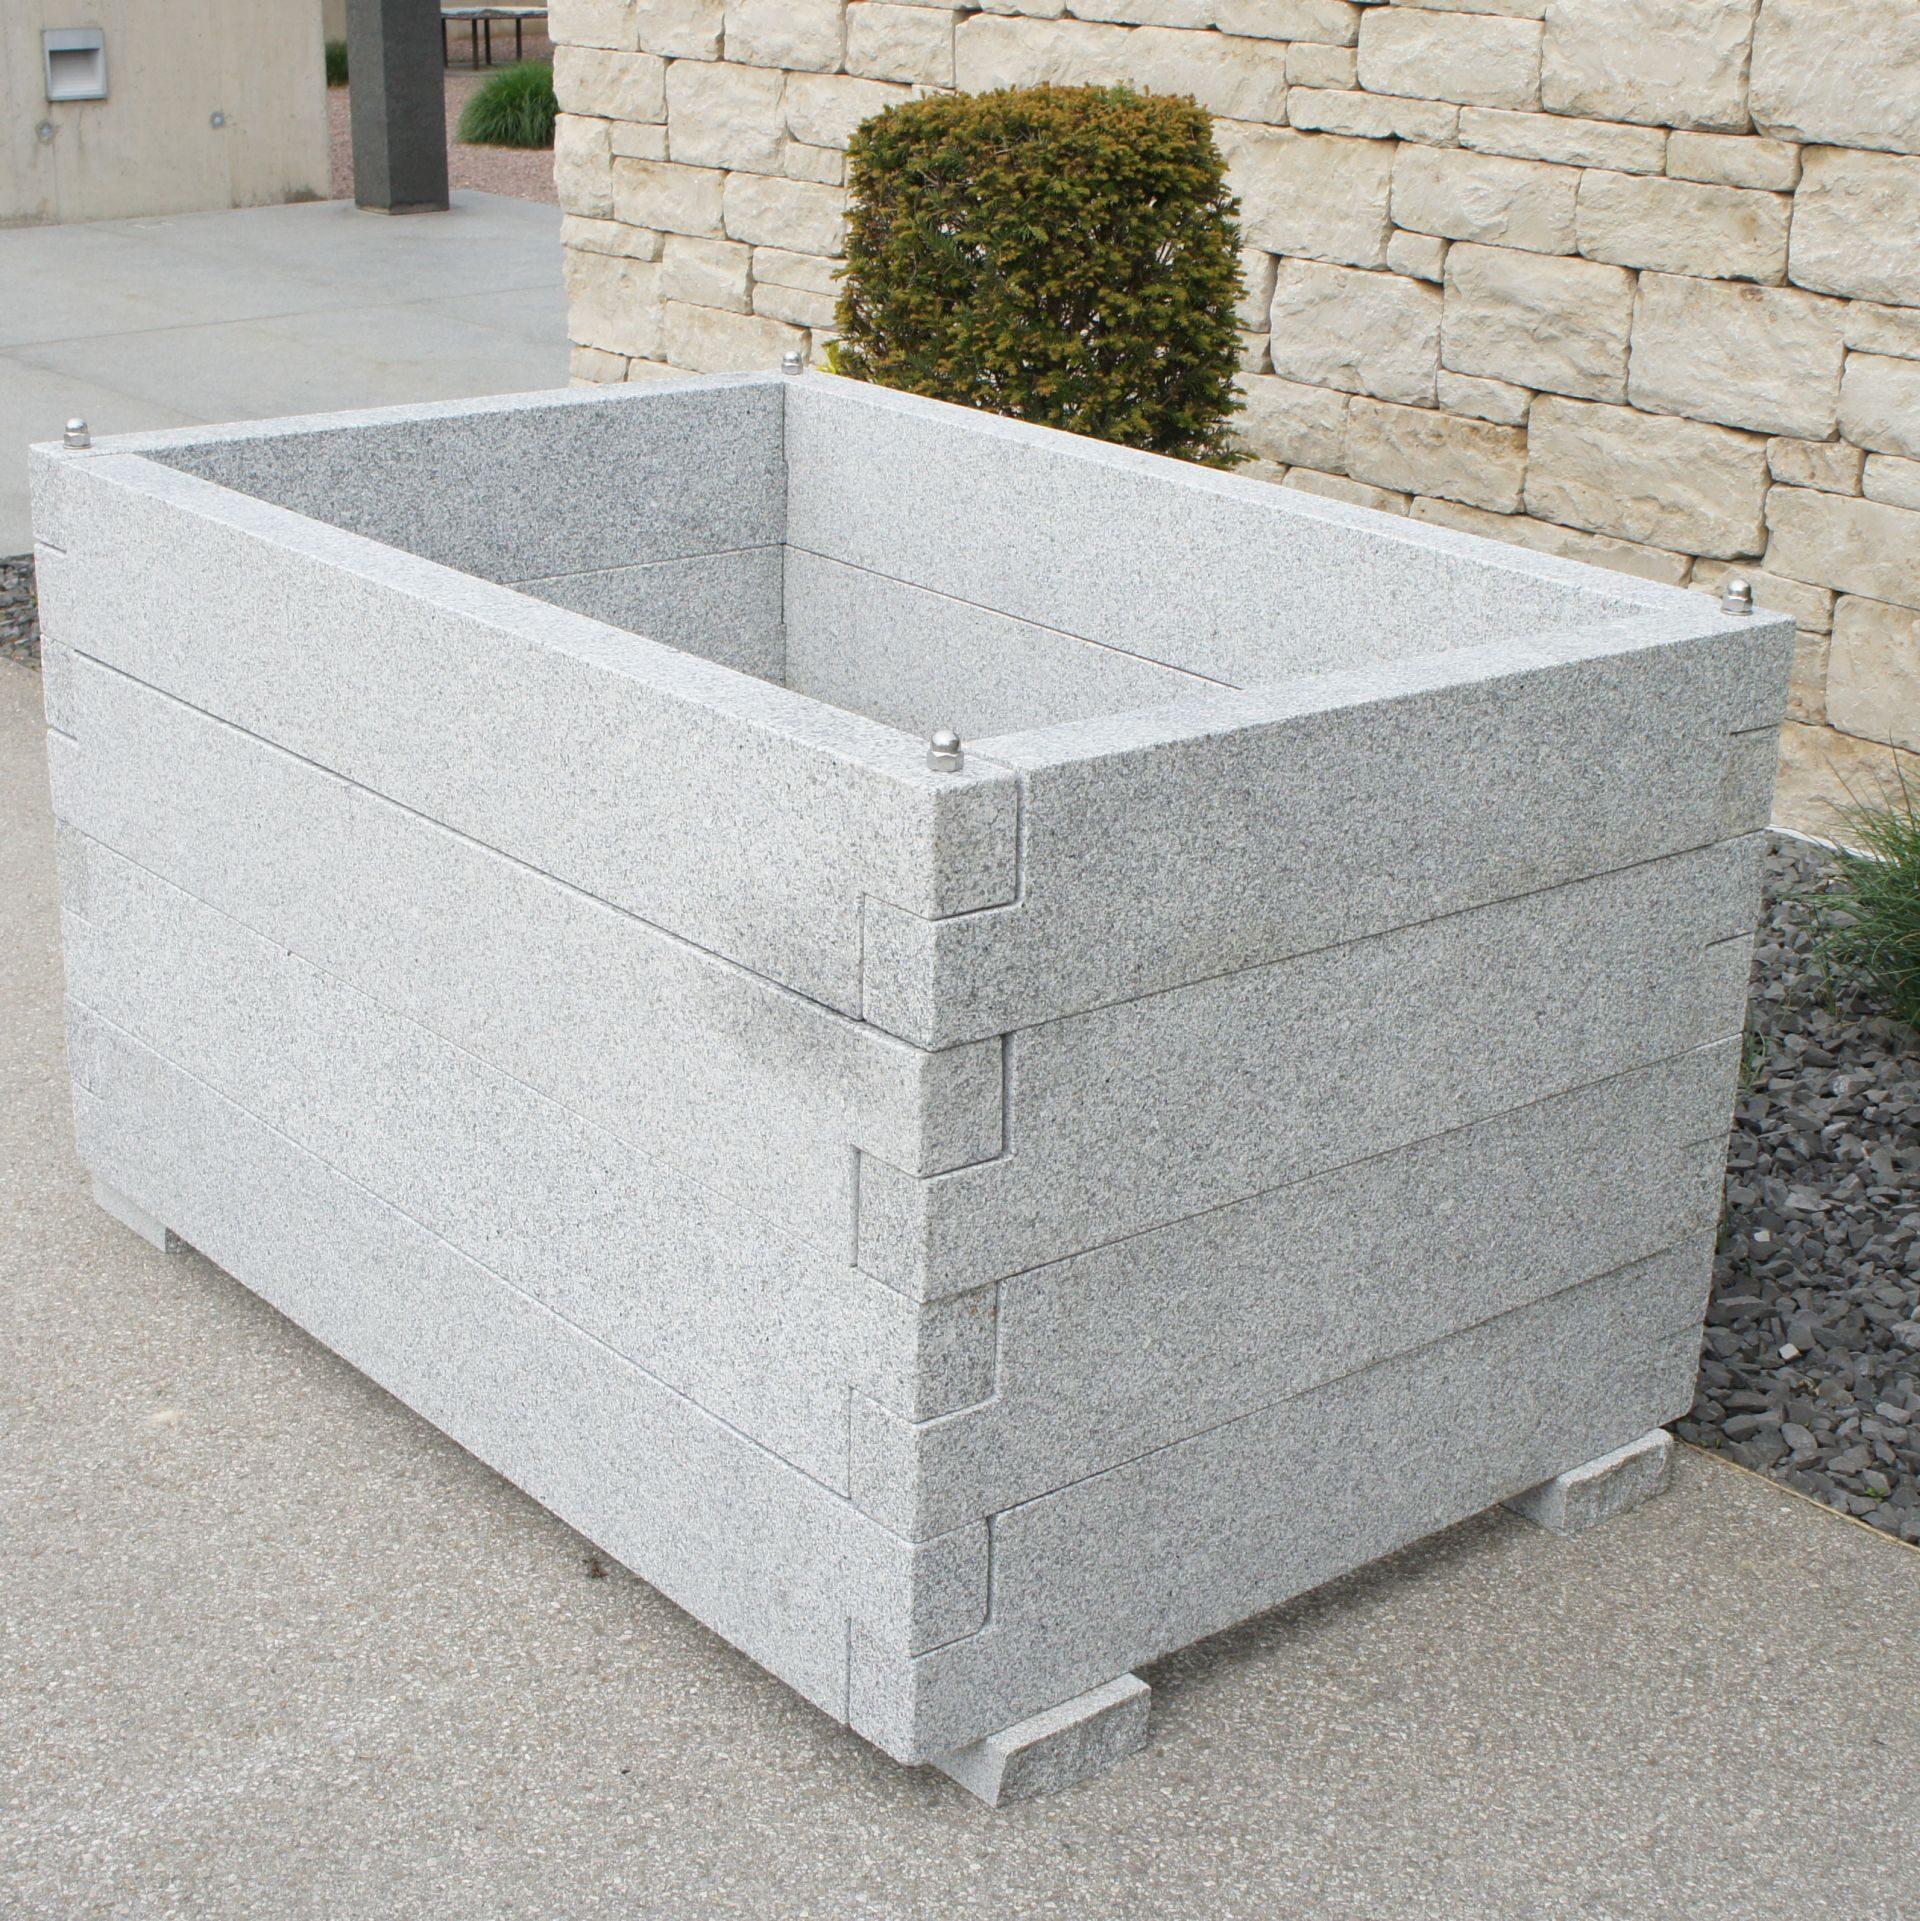 Hochbeet 150x100cm 80cm Hoch Granit Hellgrau Stein Shop